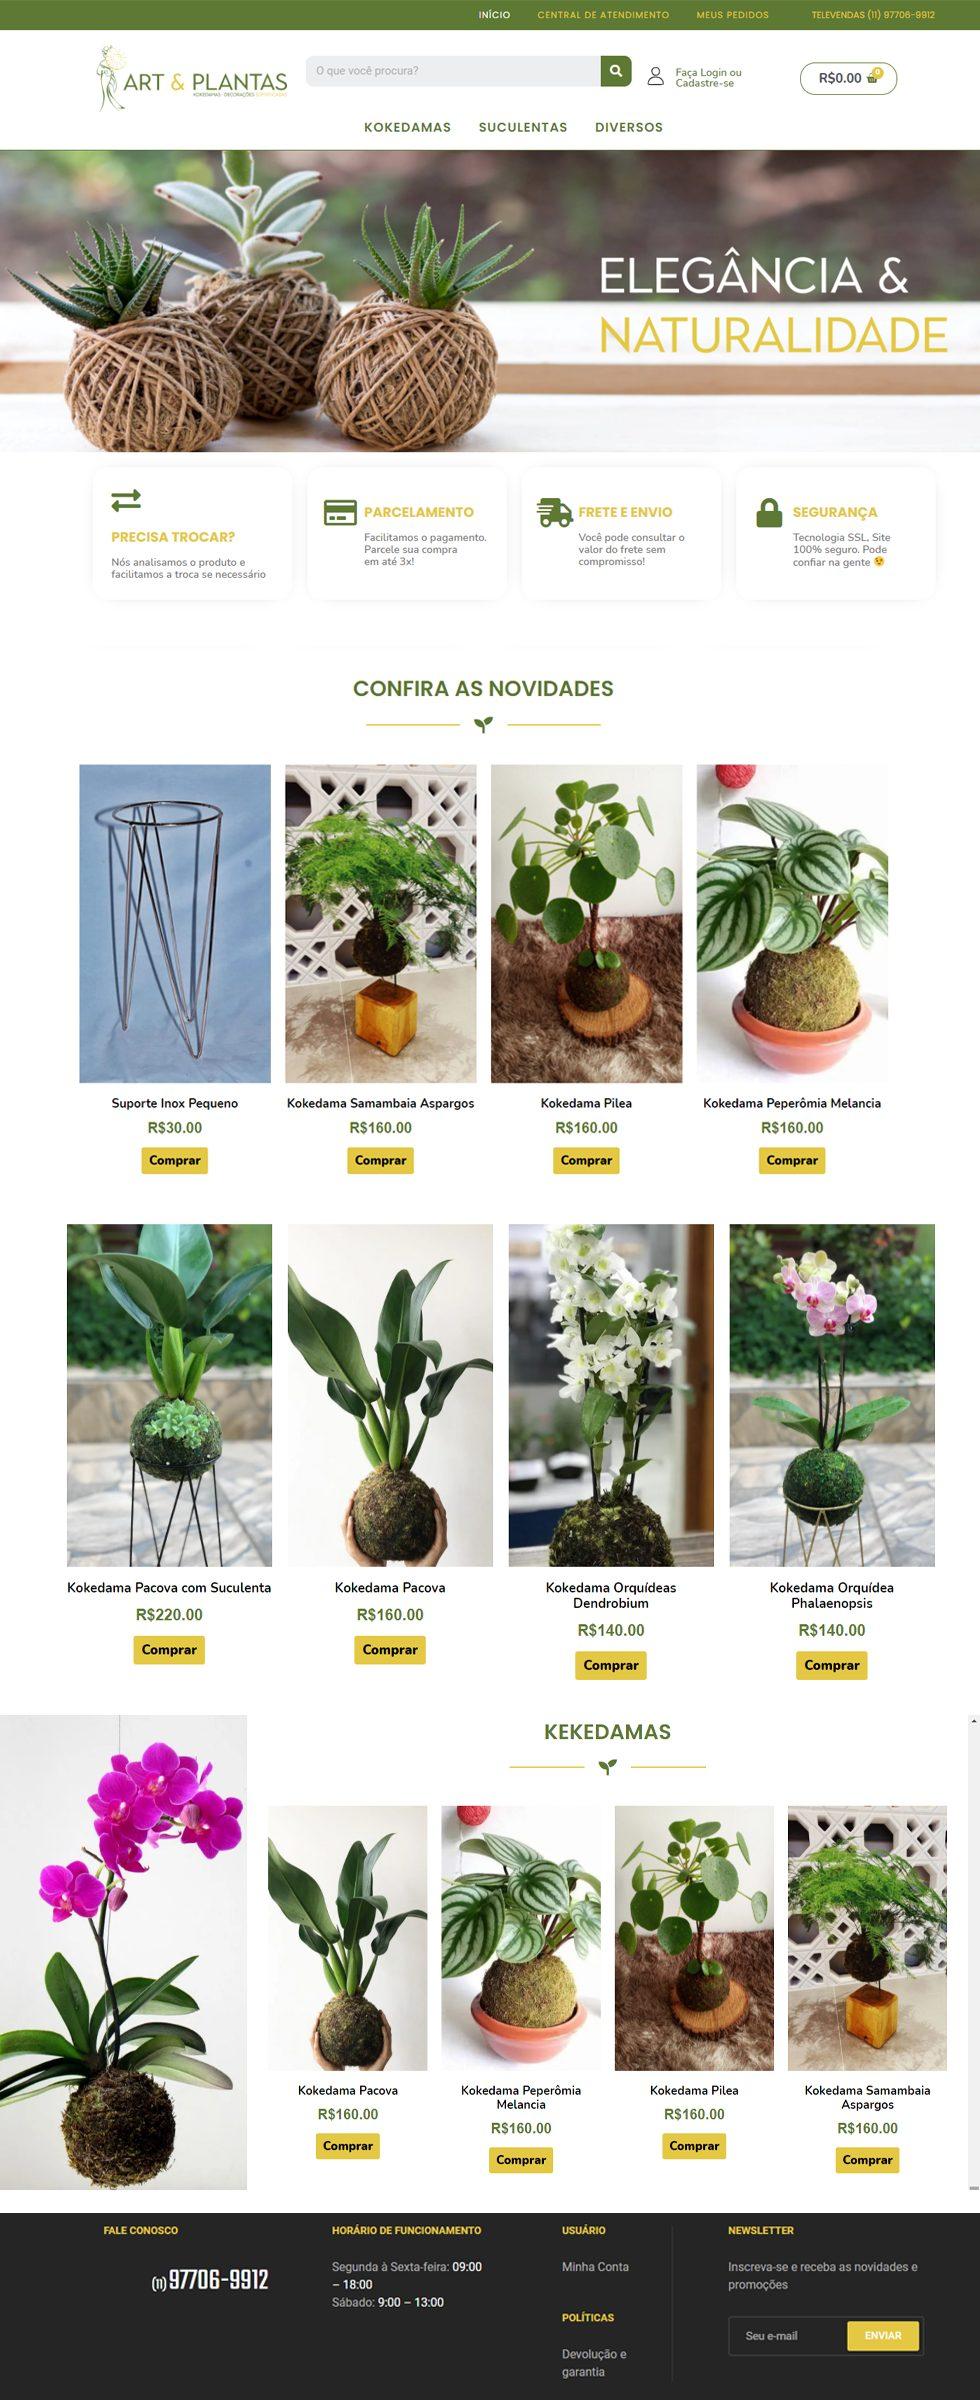 arte e plantas clientes portfolio